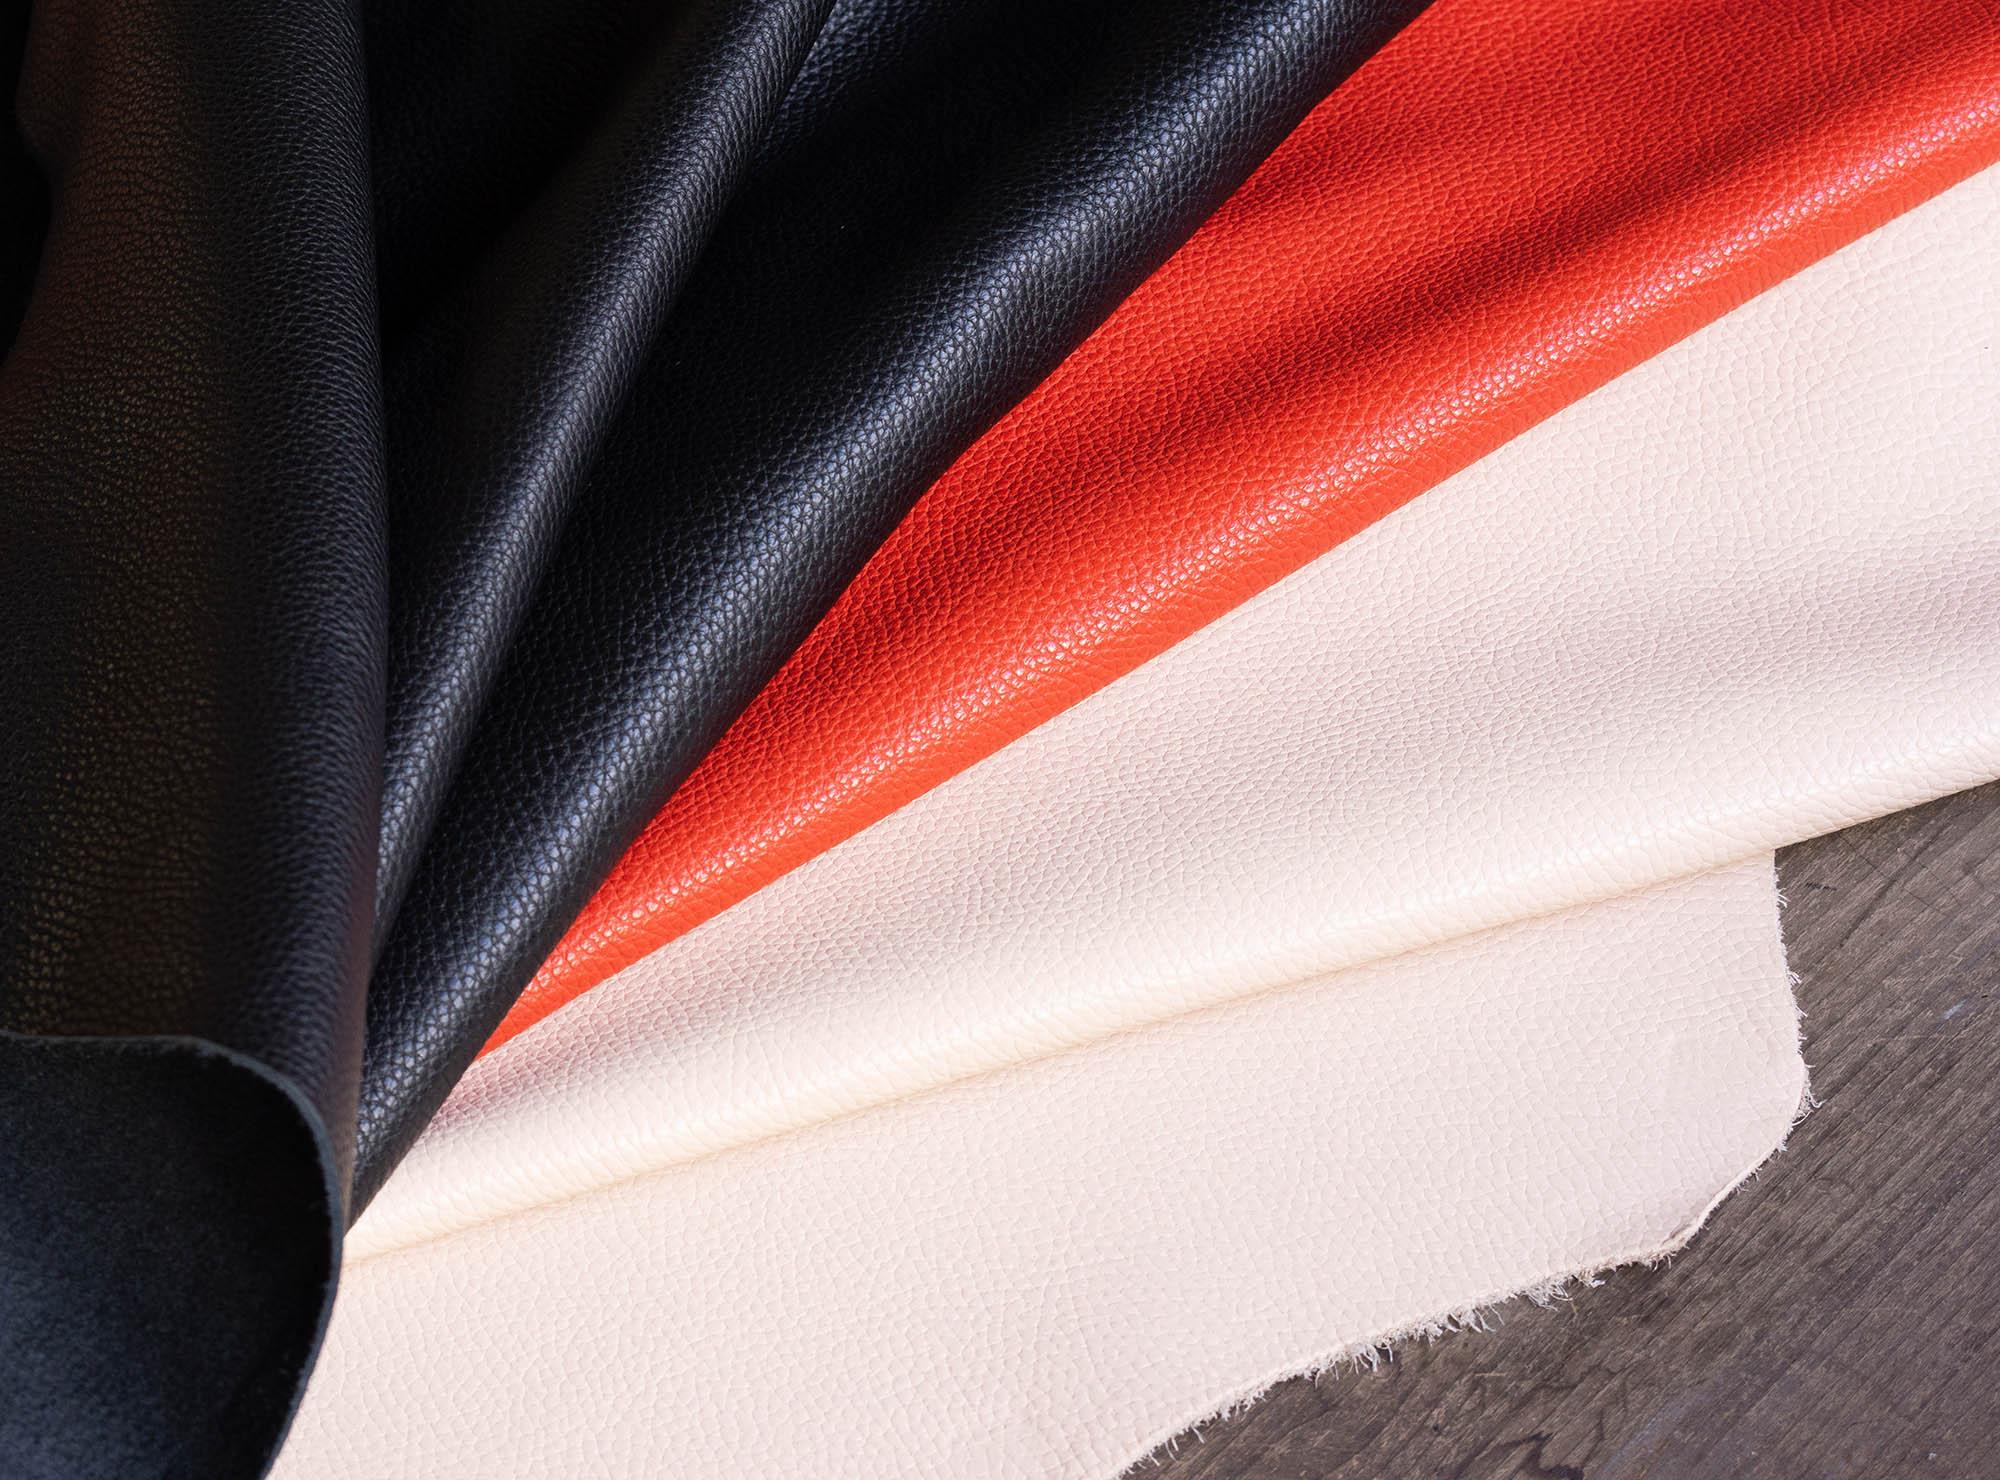 ボルセッタシリーズの革紹介|レザーポーチに適したイタリア産ソフトシュリンクレザー「アドリア」を使用